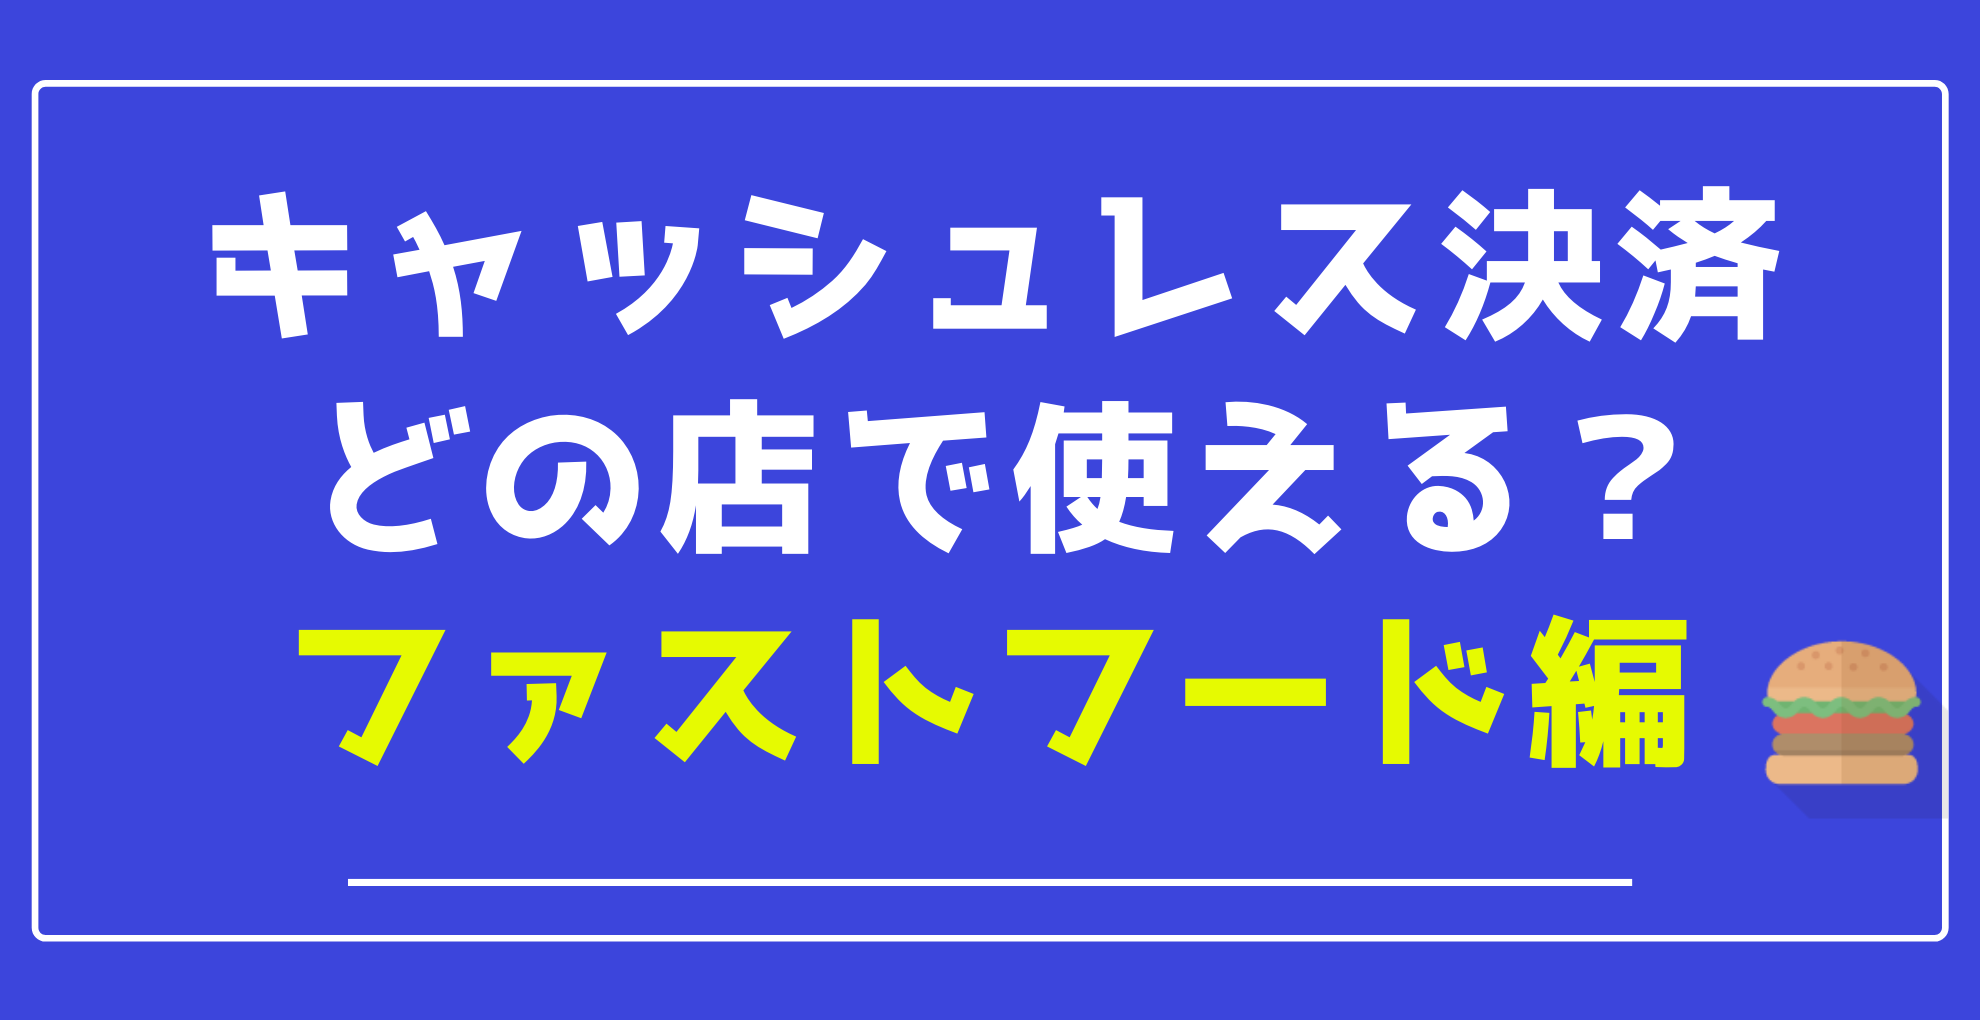 【キャッシュレス】スマホ決済 どの店で使える? 【ファストフード編】